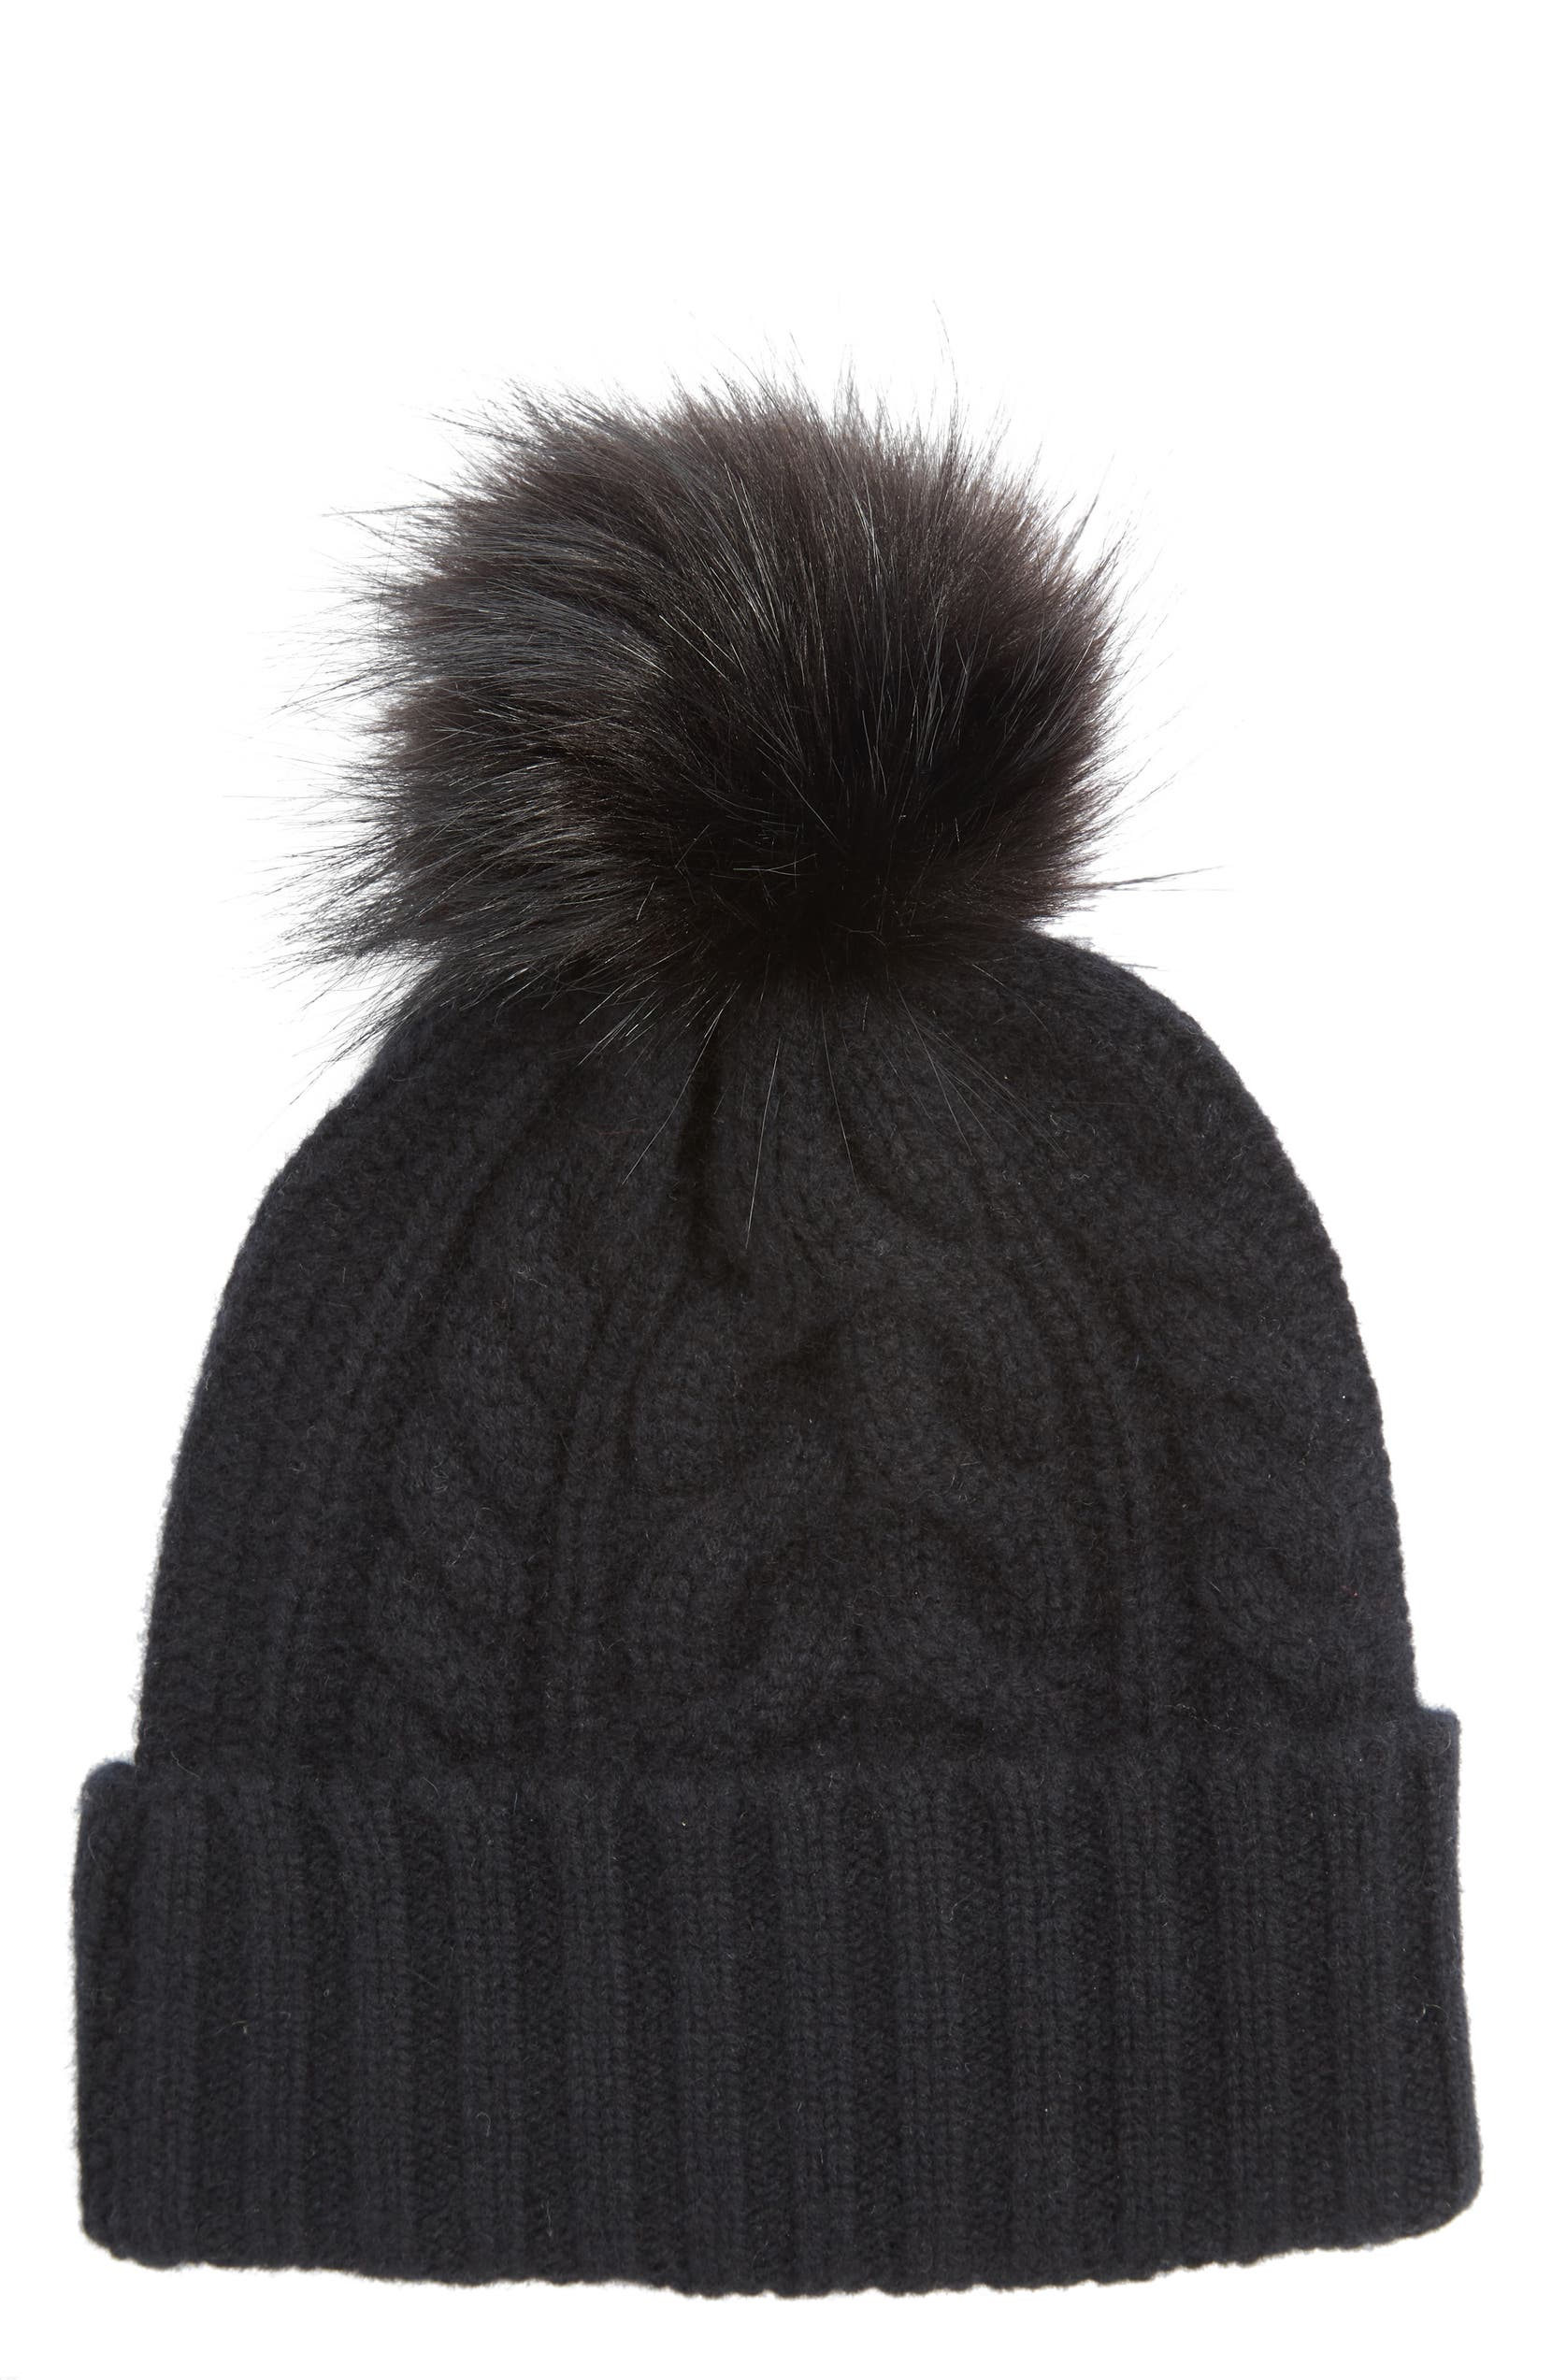 e8be5c9c845d8 Halogen® Cashmere Cable Knit Beanie with Faux Fur Pom